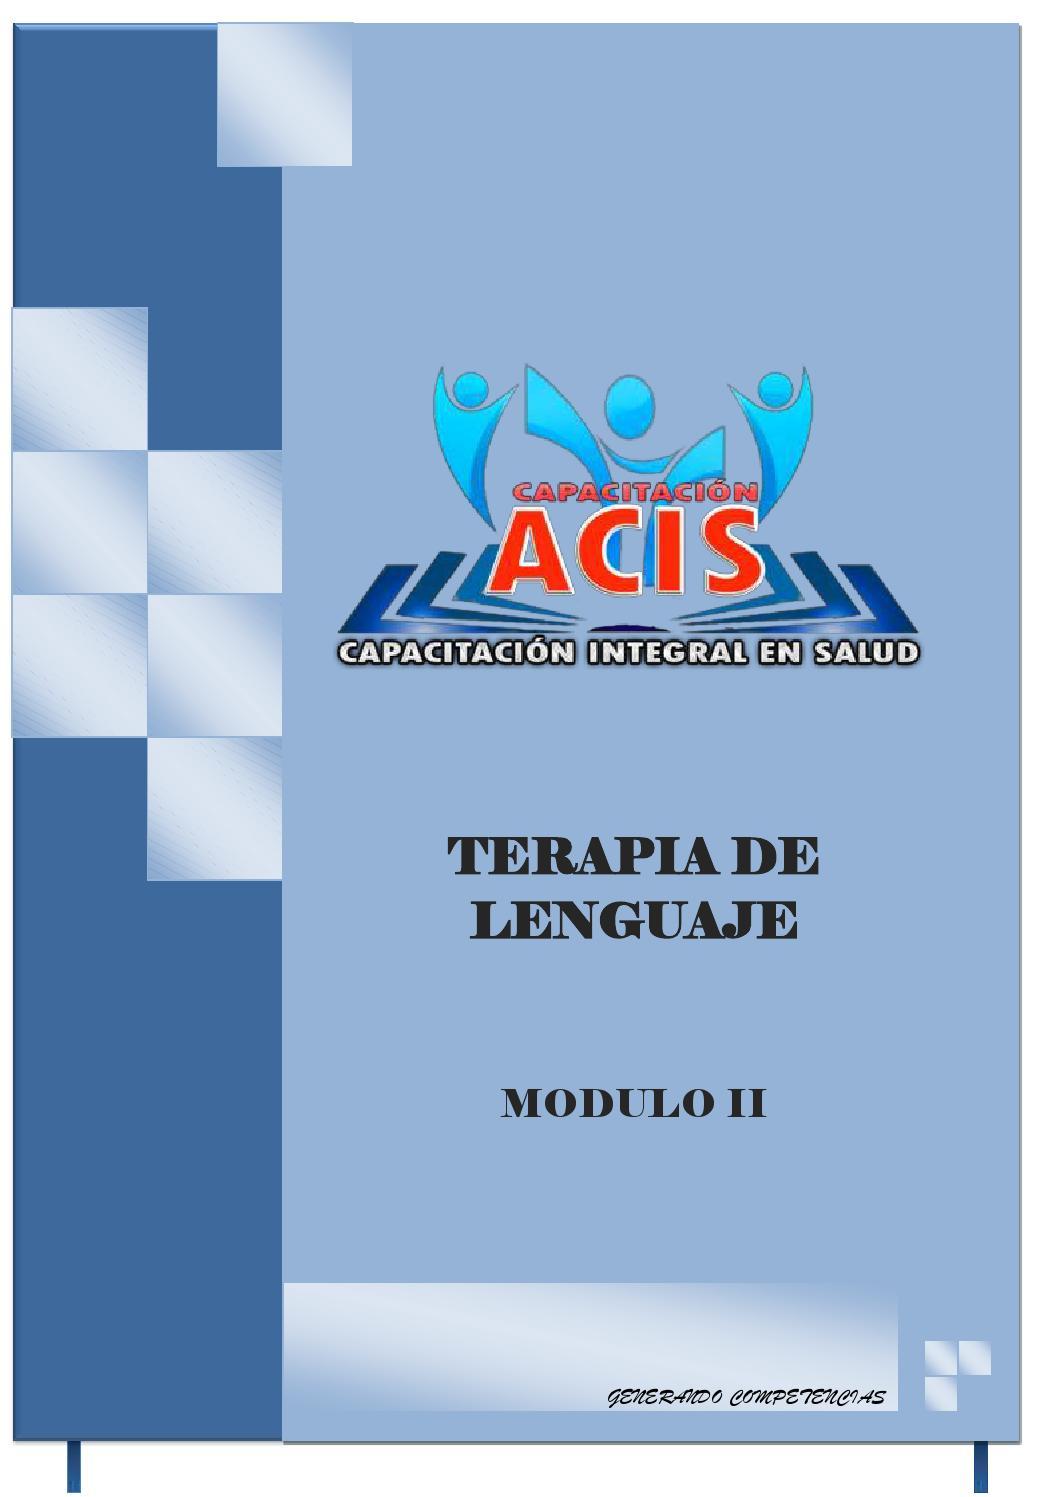 Mod ii terapia de lenguaje complerto by lavcanleo - issuu